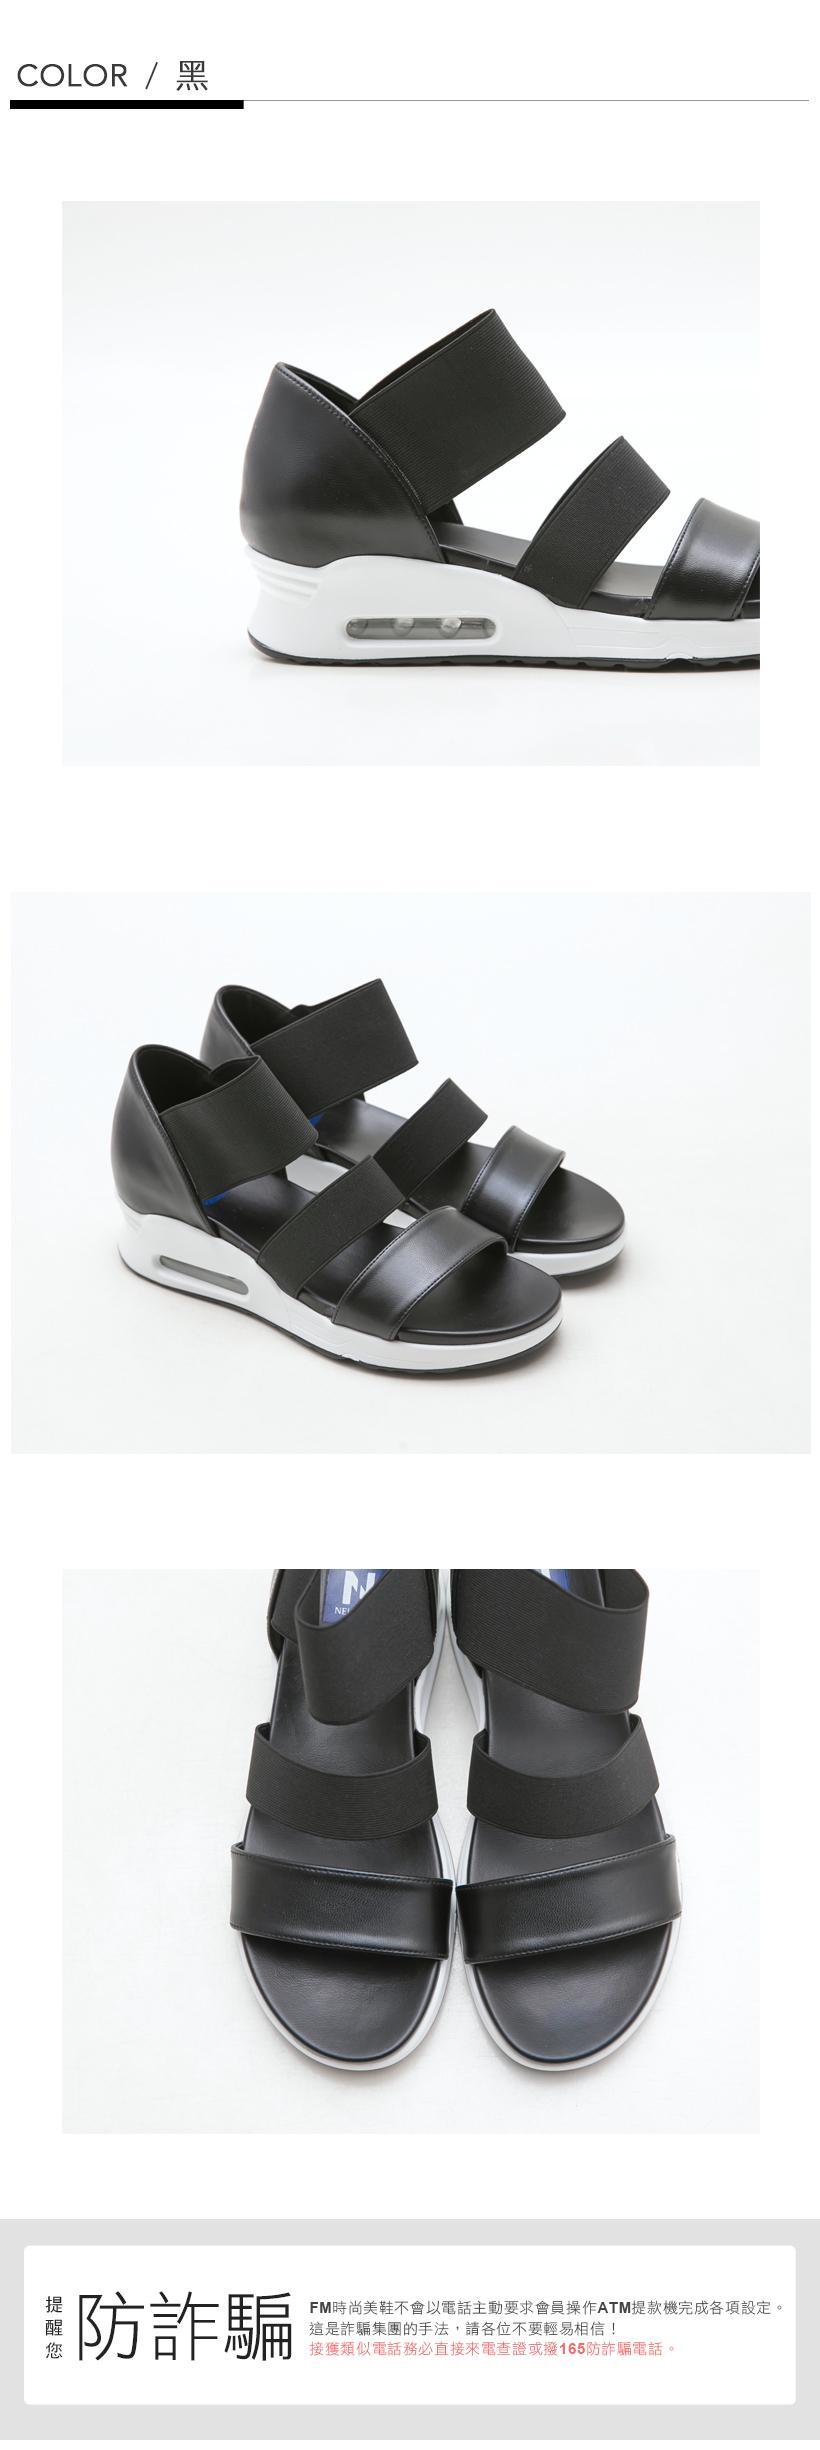 NeuTral-彈性織帶氣墊涼鞋-粉